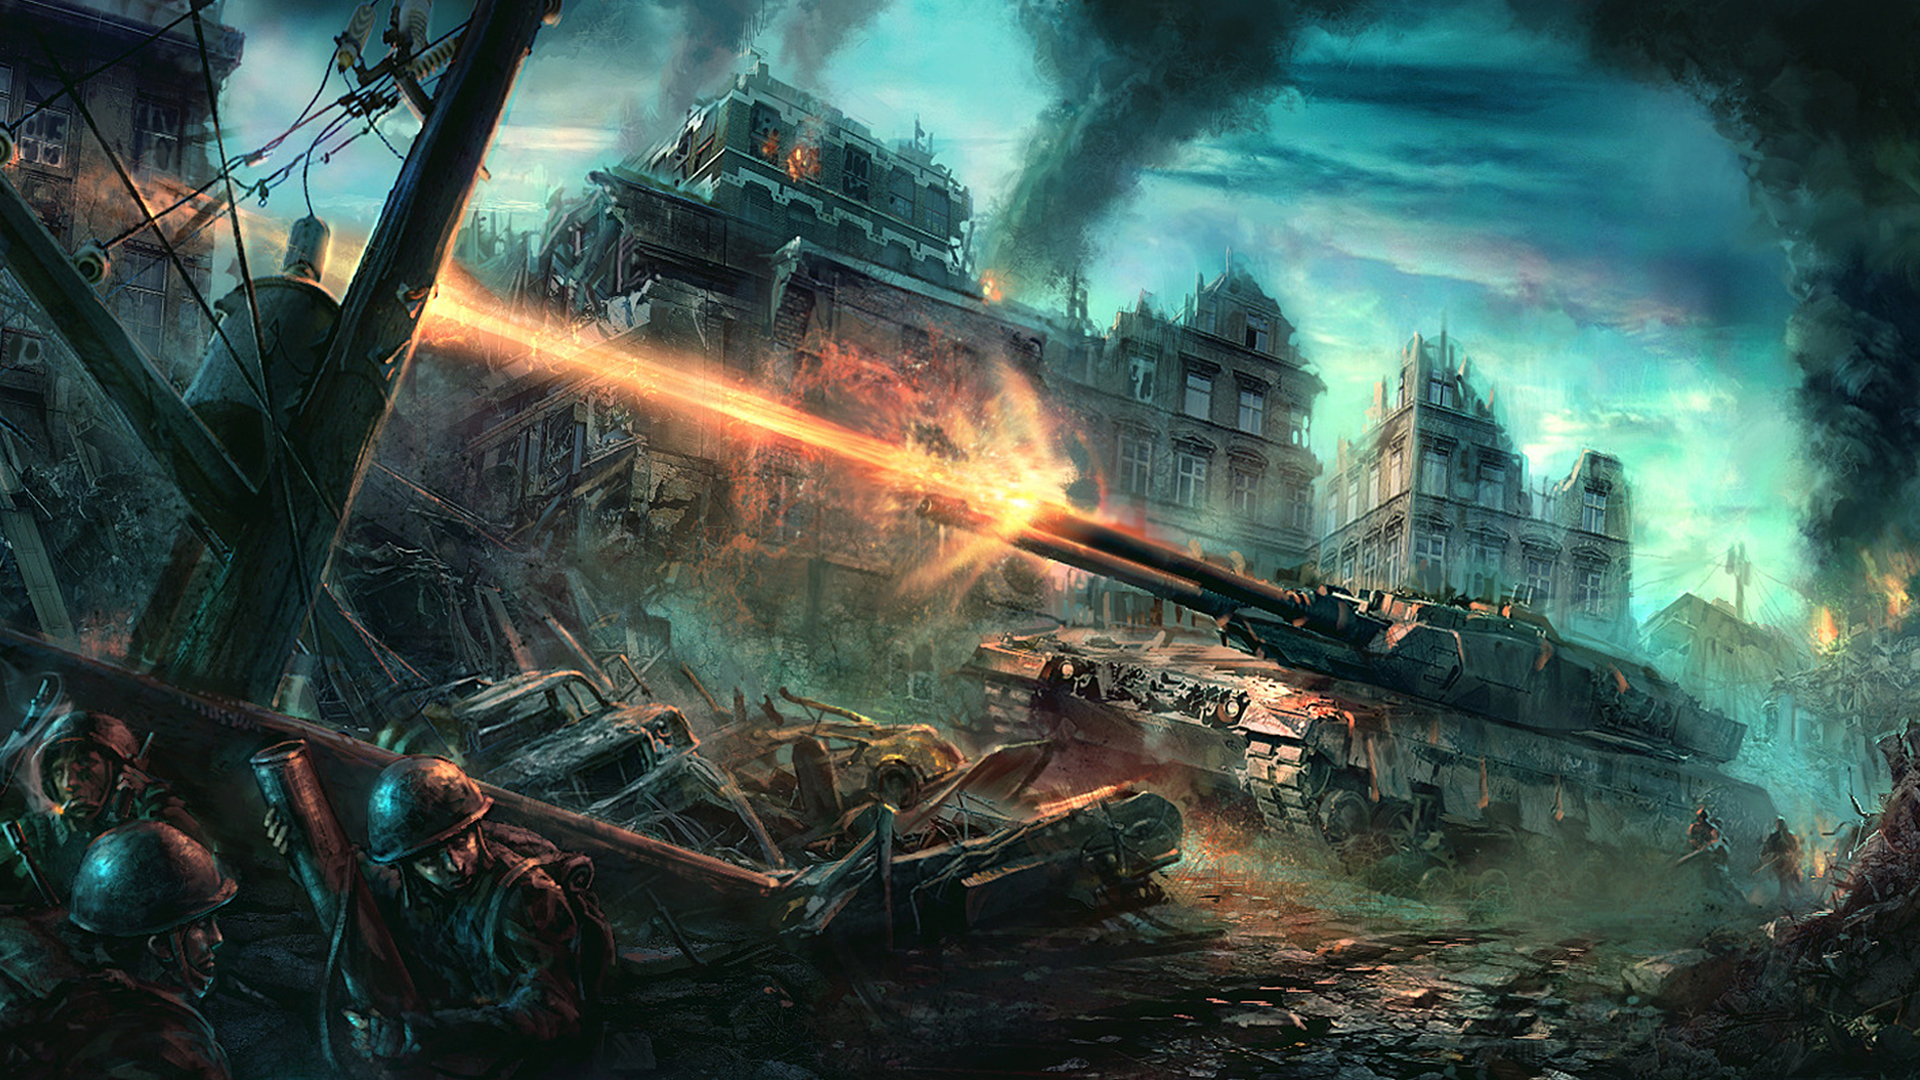 Обои Battlefield HD на рабочий стол. скачать ...: zetaprime.ru/igrovie-oboi/battlefield